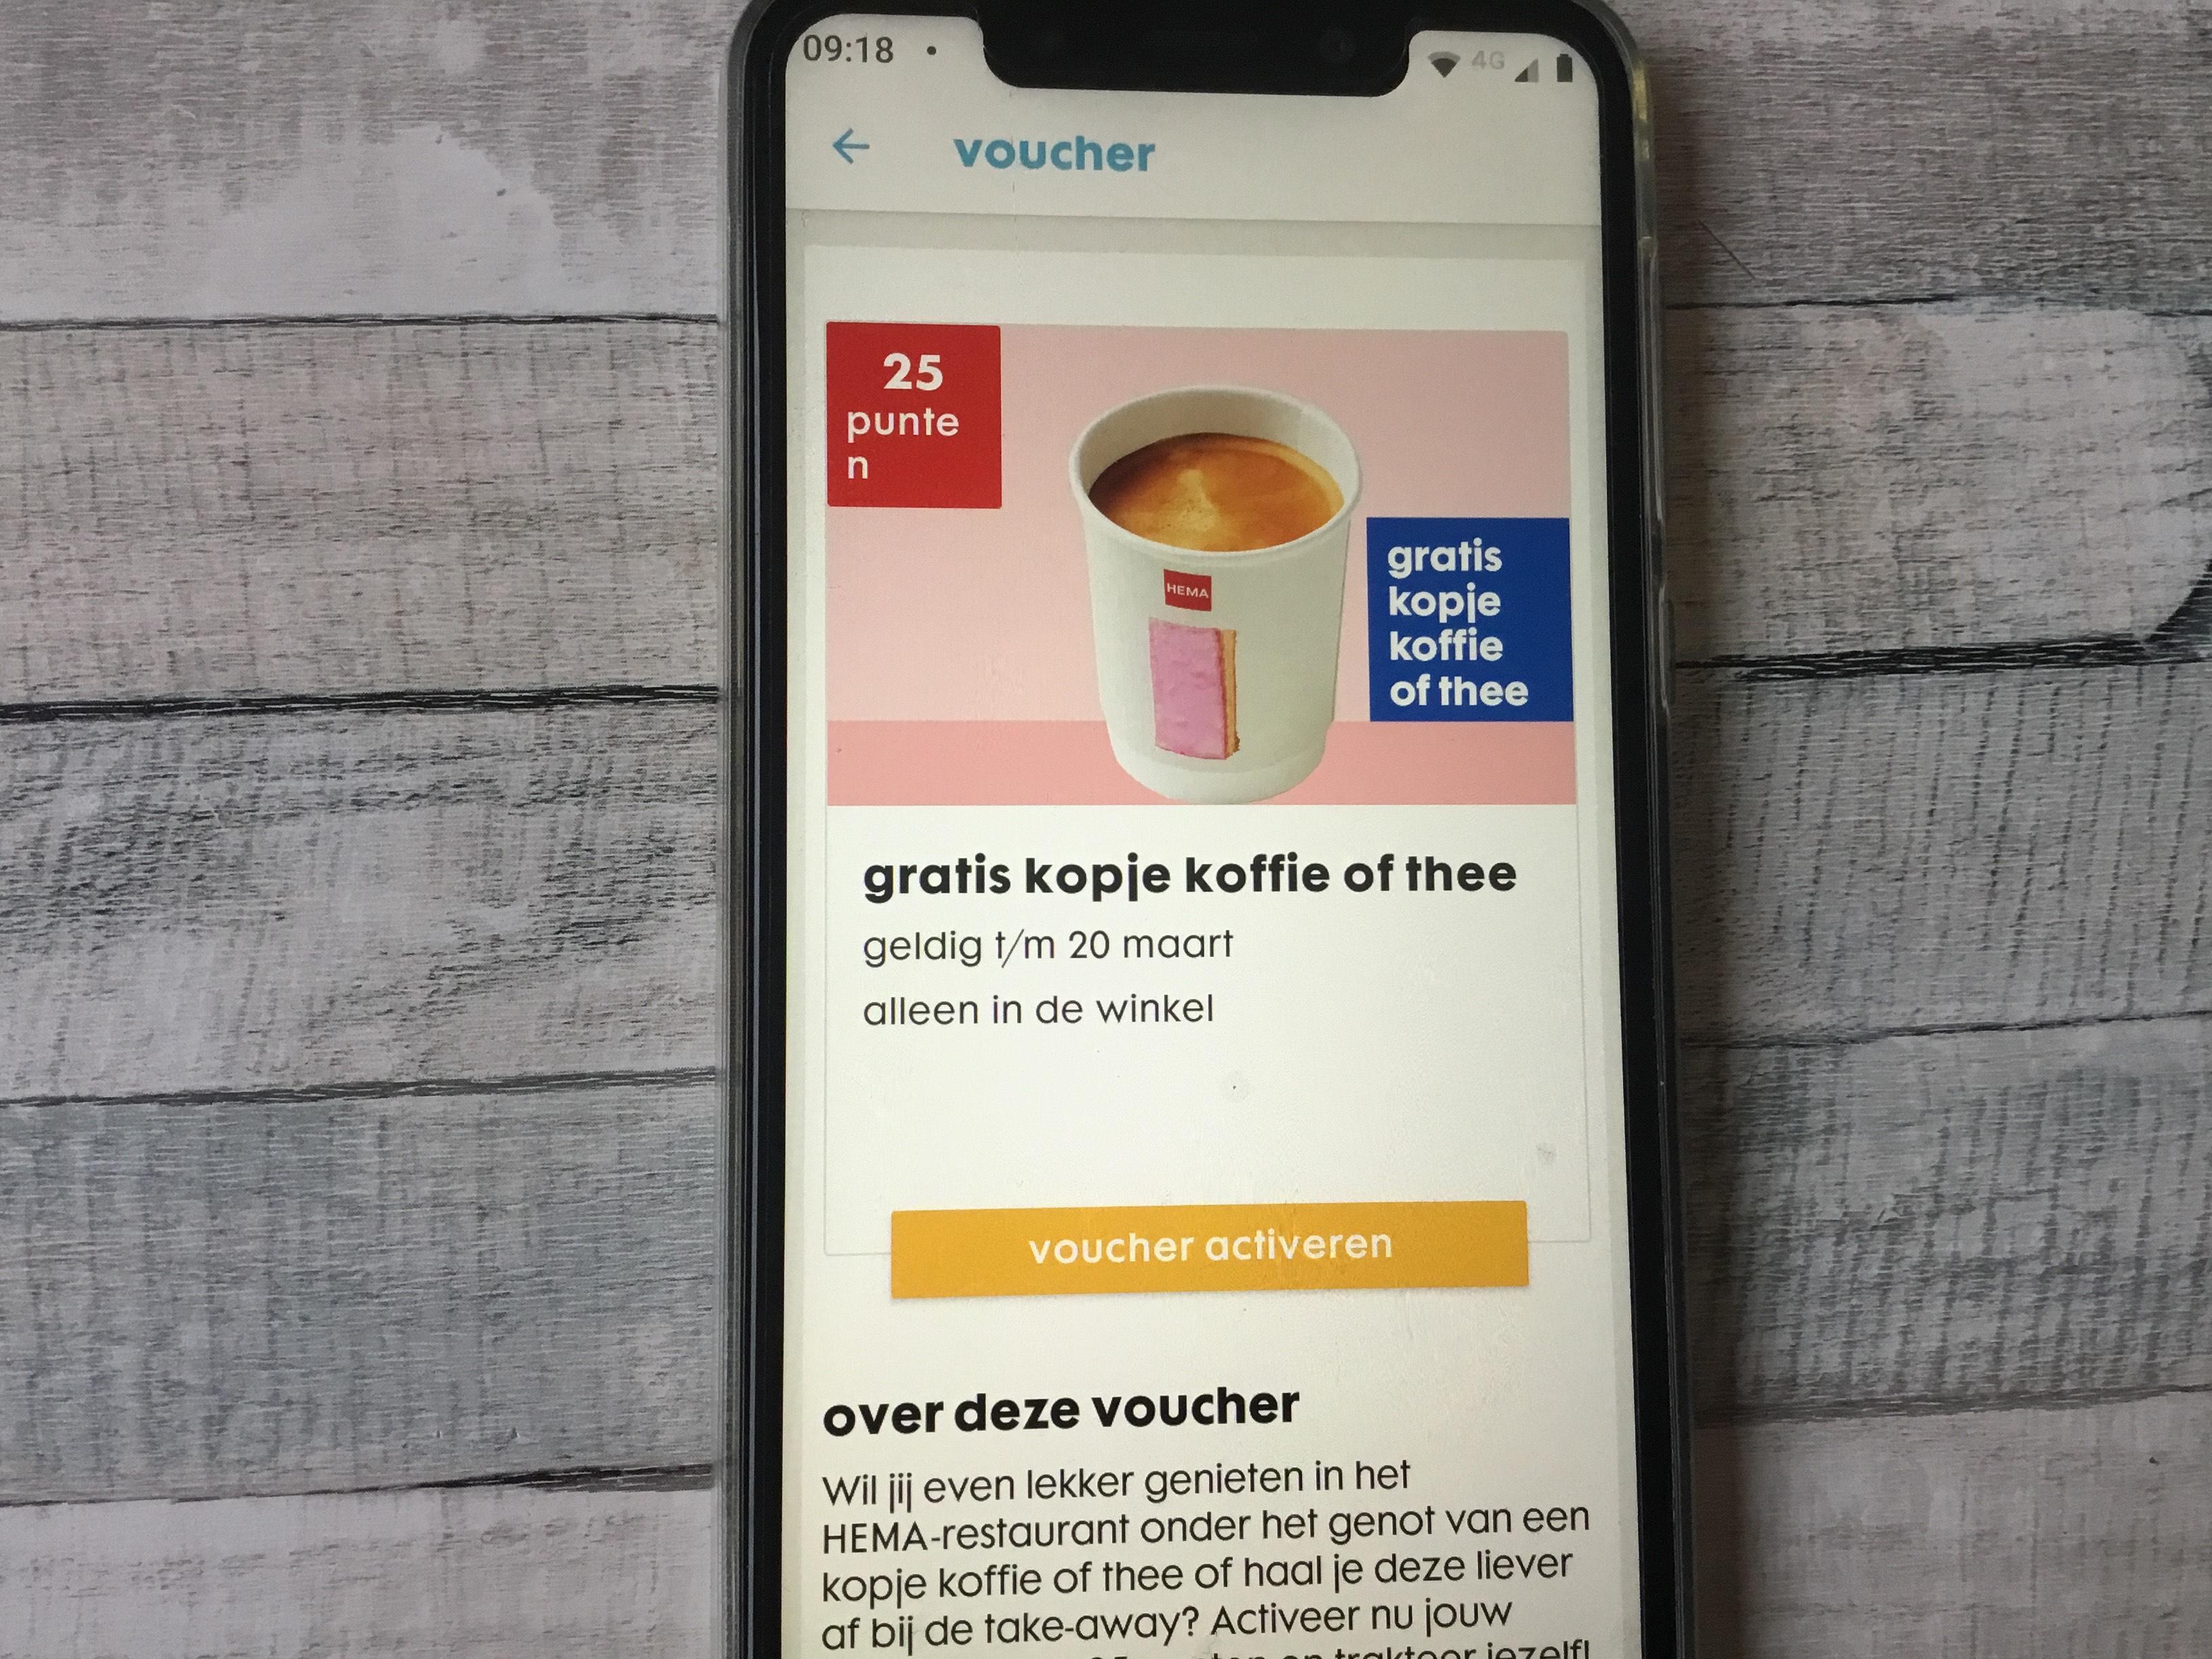 HEMA gratis kopje koffie of thee bij 25 op je voordeelkaart gespaarde punten